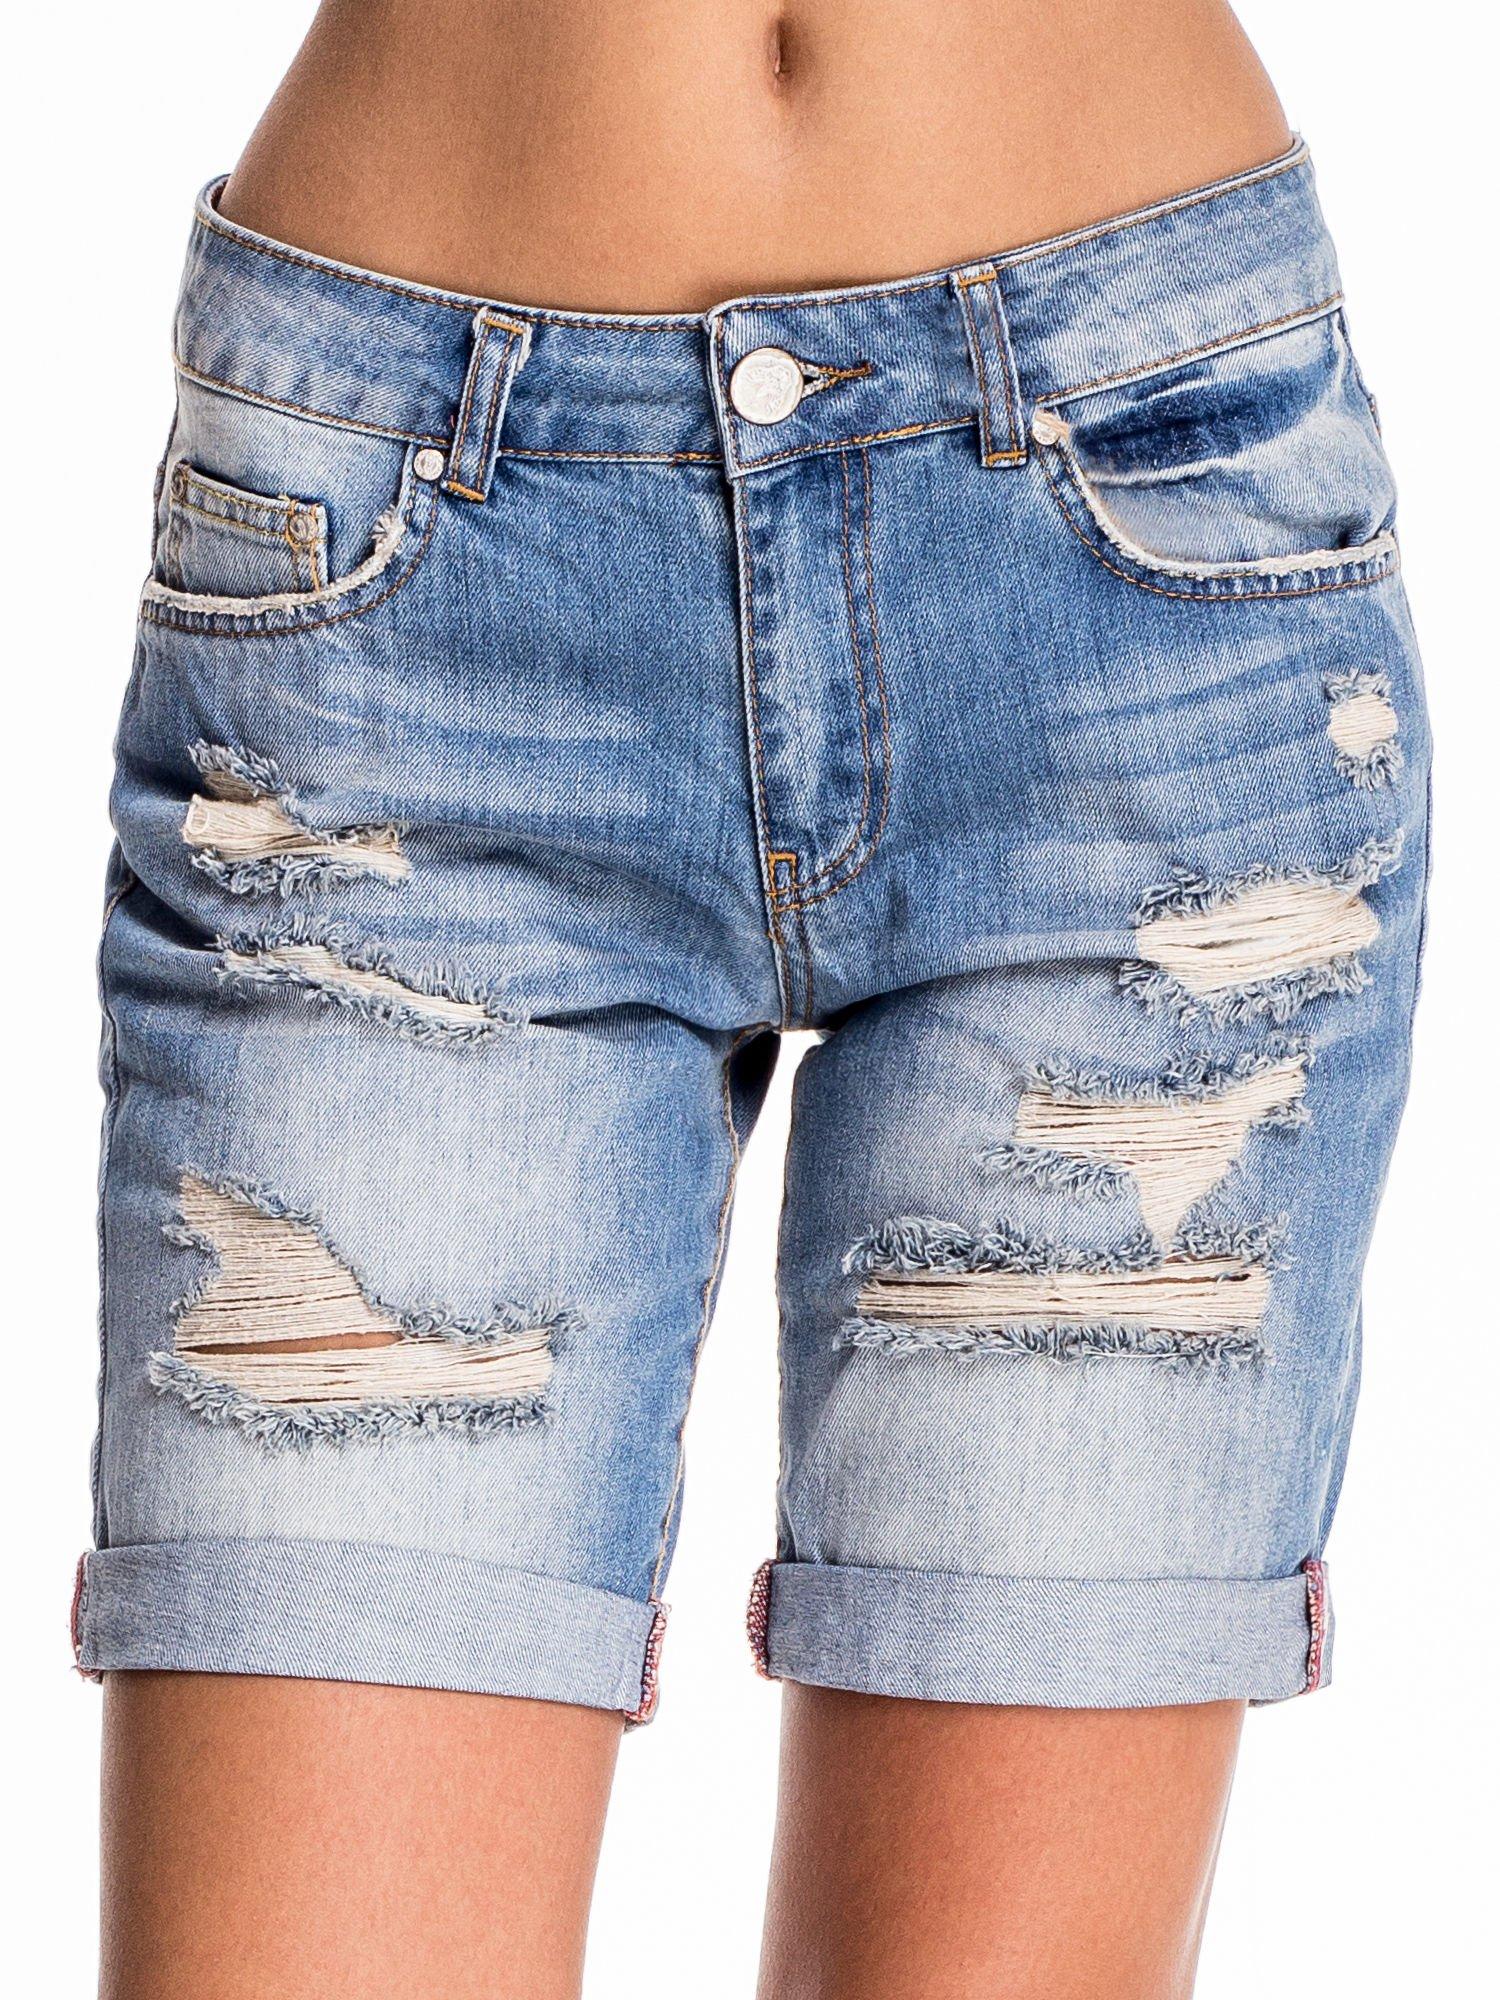 Jasnoniebieskie jeansowe szorty z podwijaną nogawką                                  zdj.                                  1